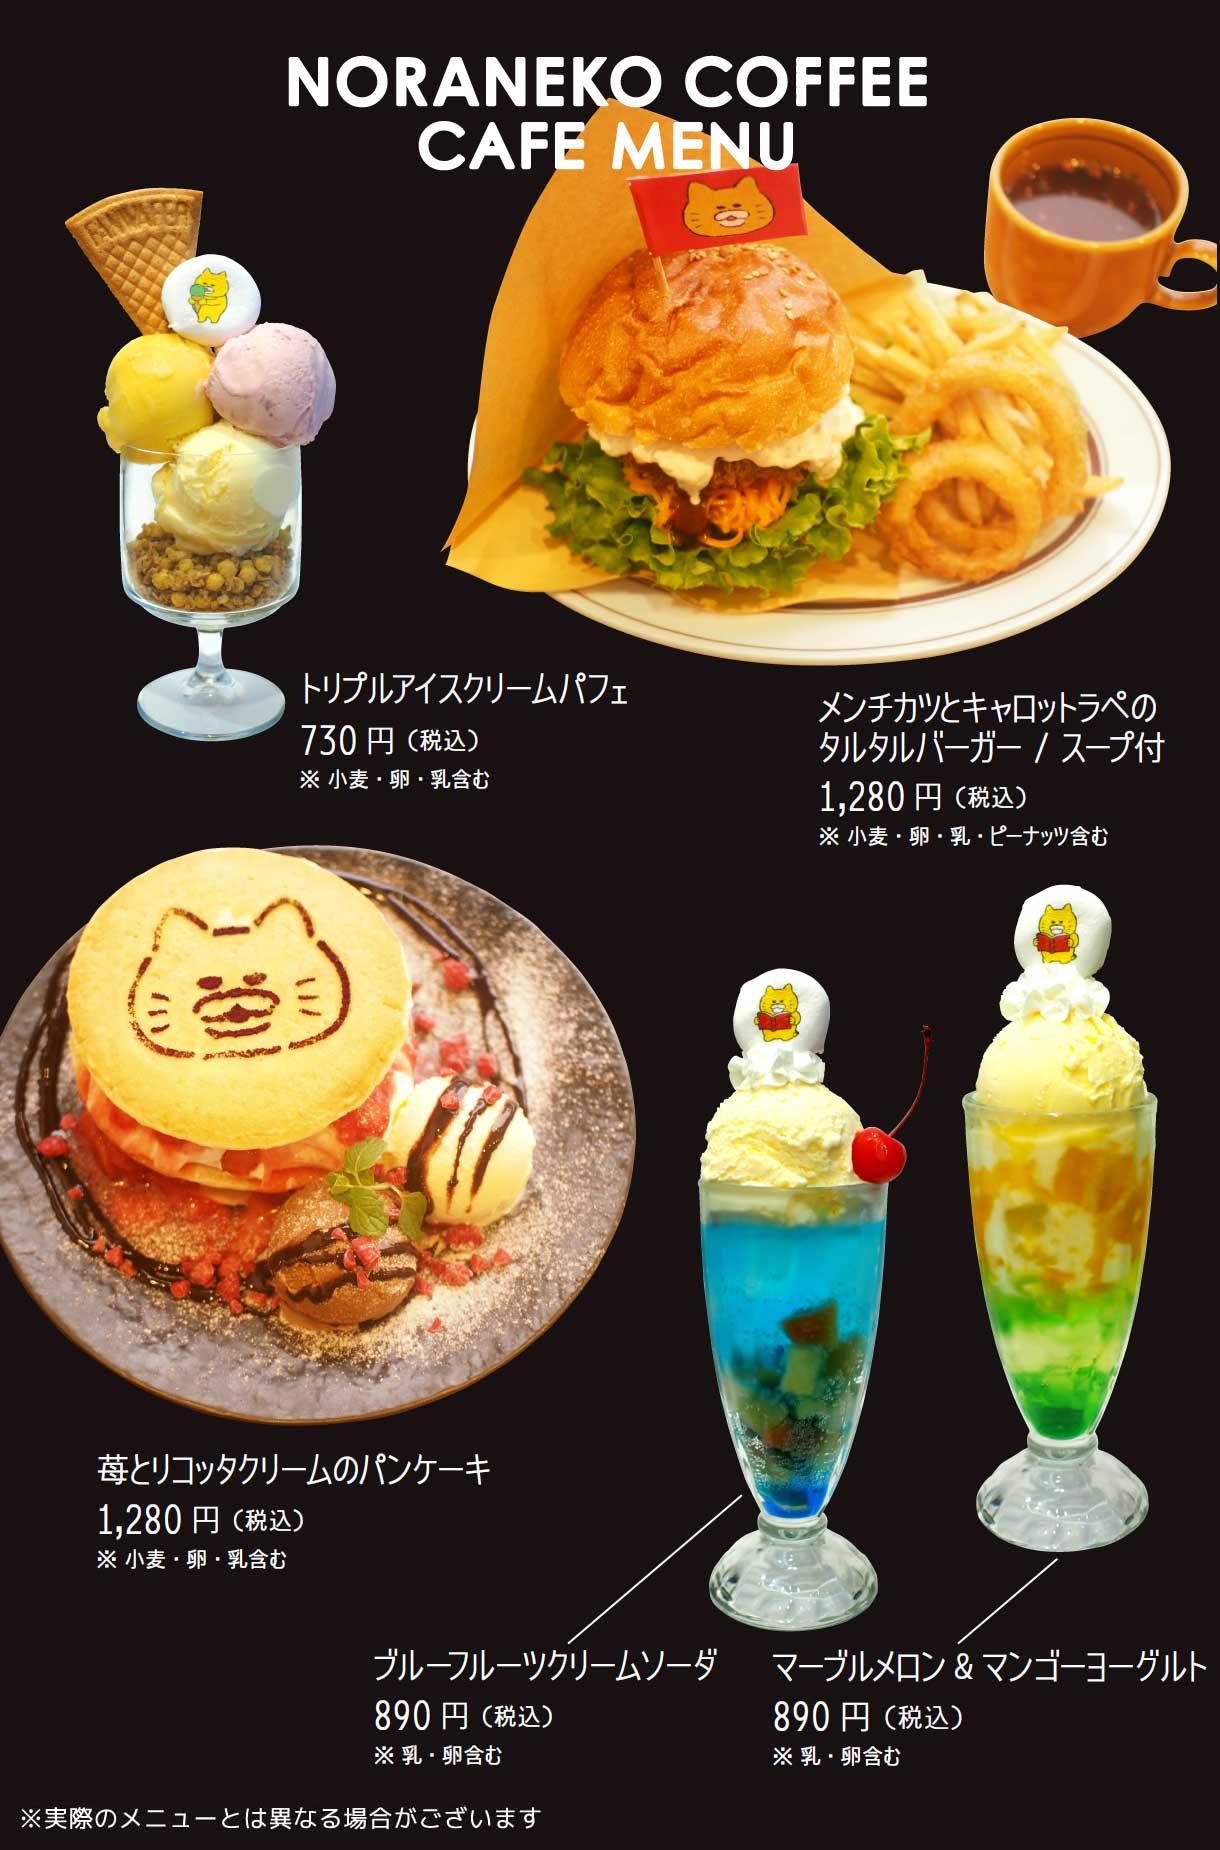 ノラネコぐんだんのパフェ・タルタルバーガー・パンケーキ・クリームソーダ・マンゴーヨーグルト